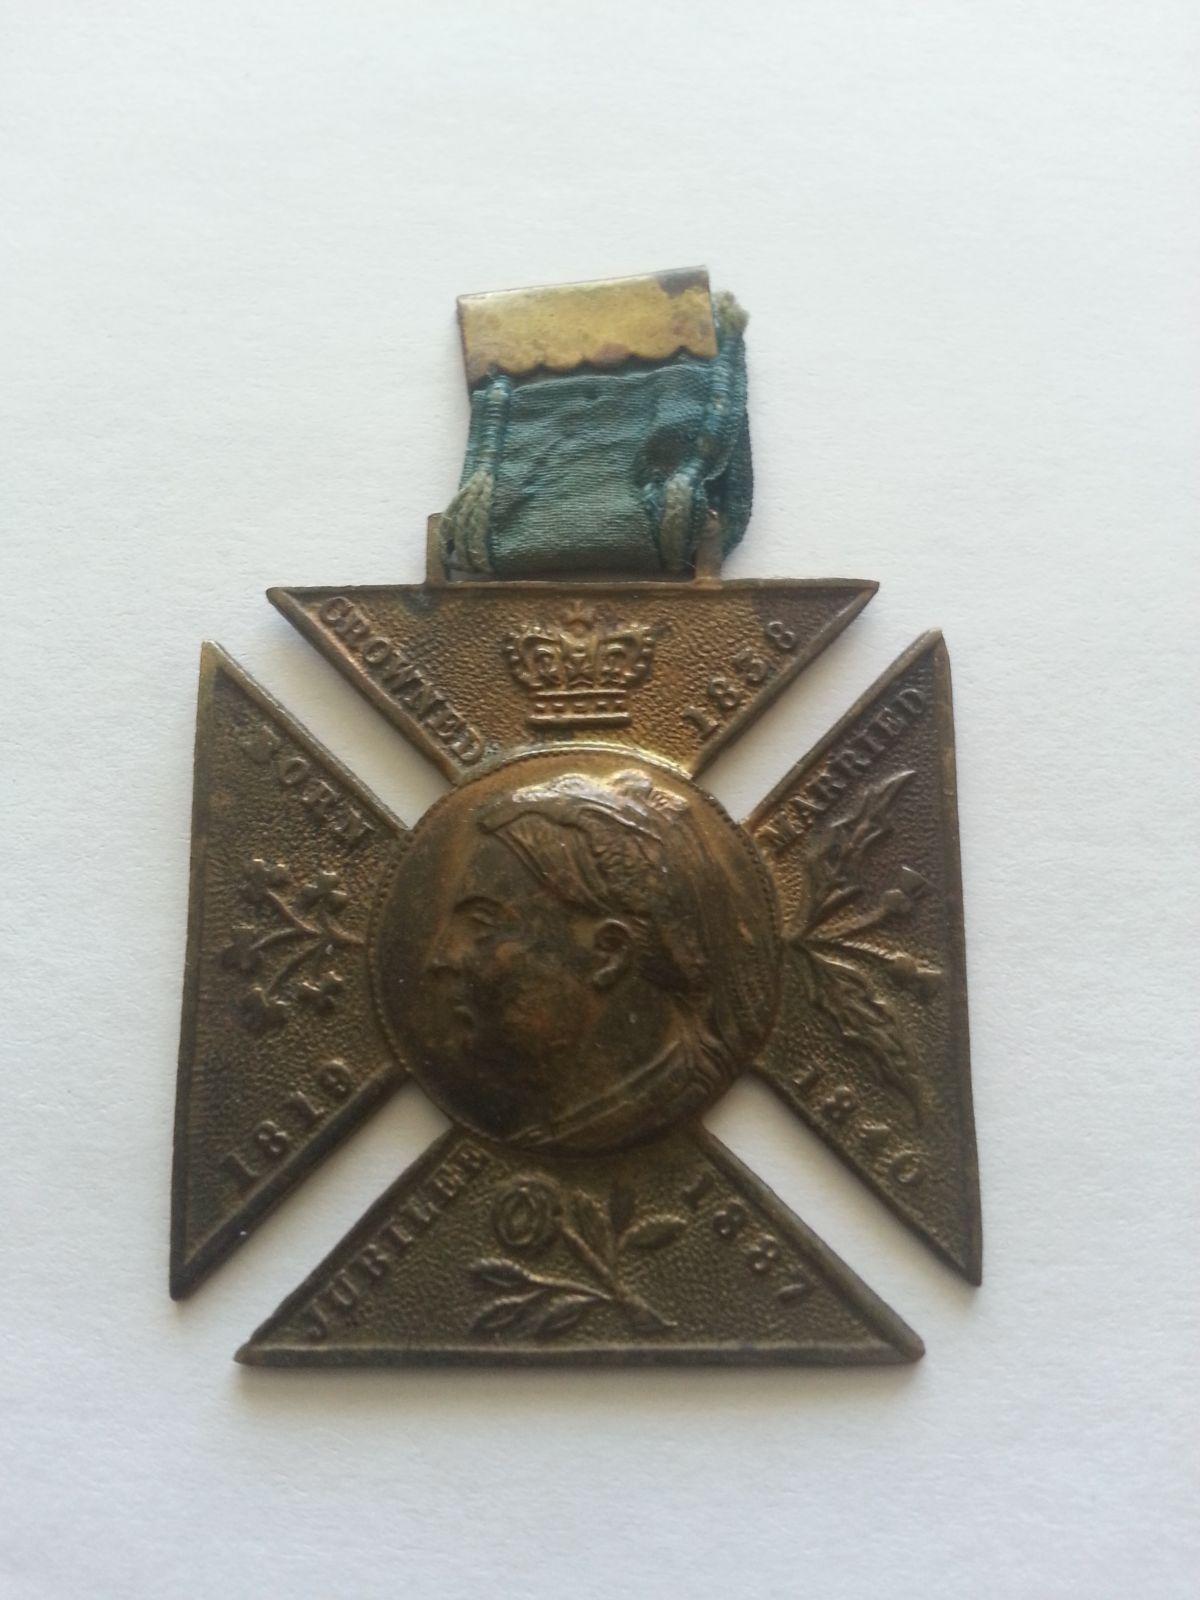 kříž SILVER WEDDING Viktoria+Albert, 1863-83, V.Británie